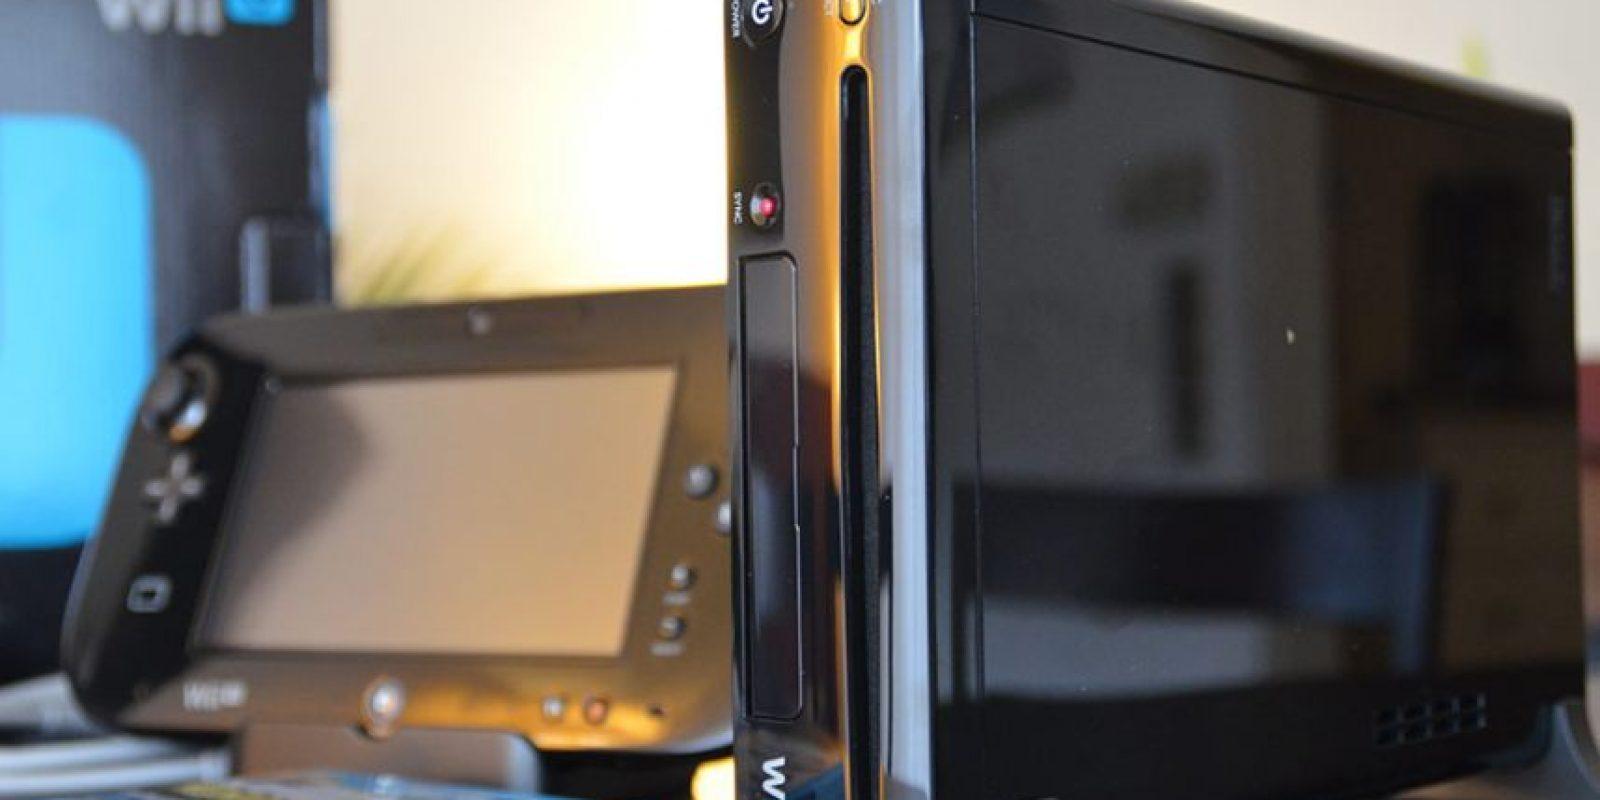 En total la consola tienen 2GB de memoria RAM, que se repartirán en 1GB para el sistema operativo y 1GB para los juegos. En comparación, PS3 tenía solo 512MB de RAM Foto:Wikimedia Commons